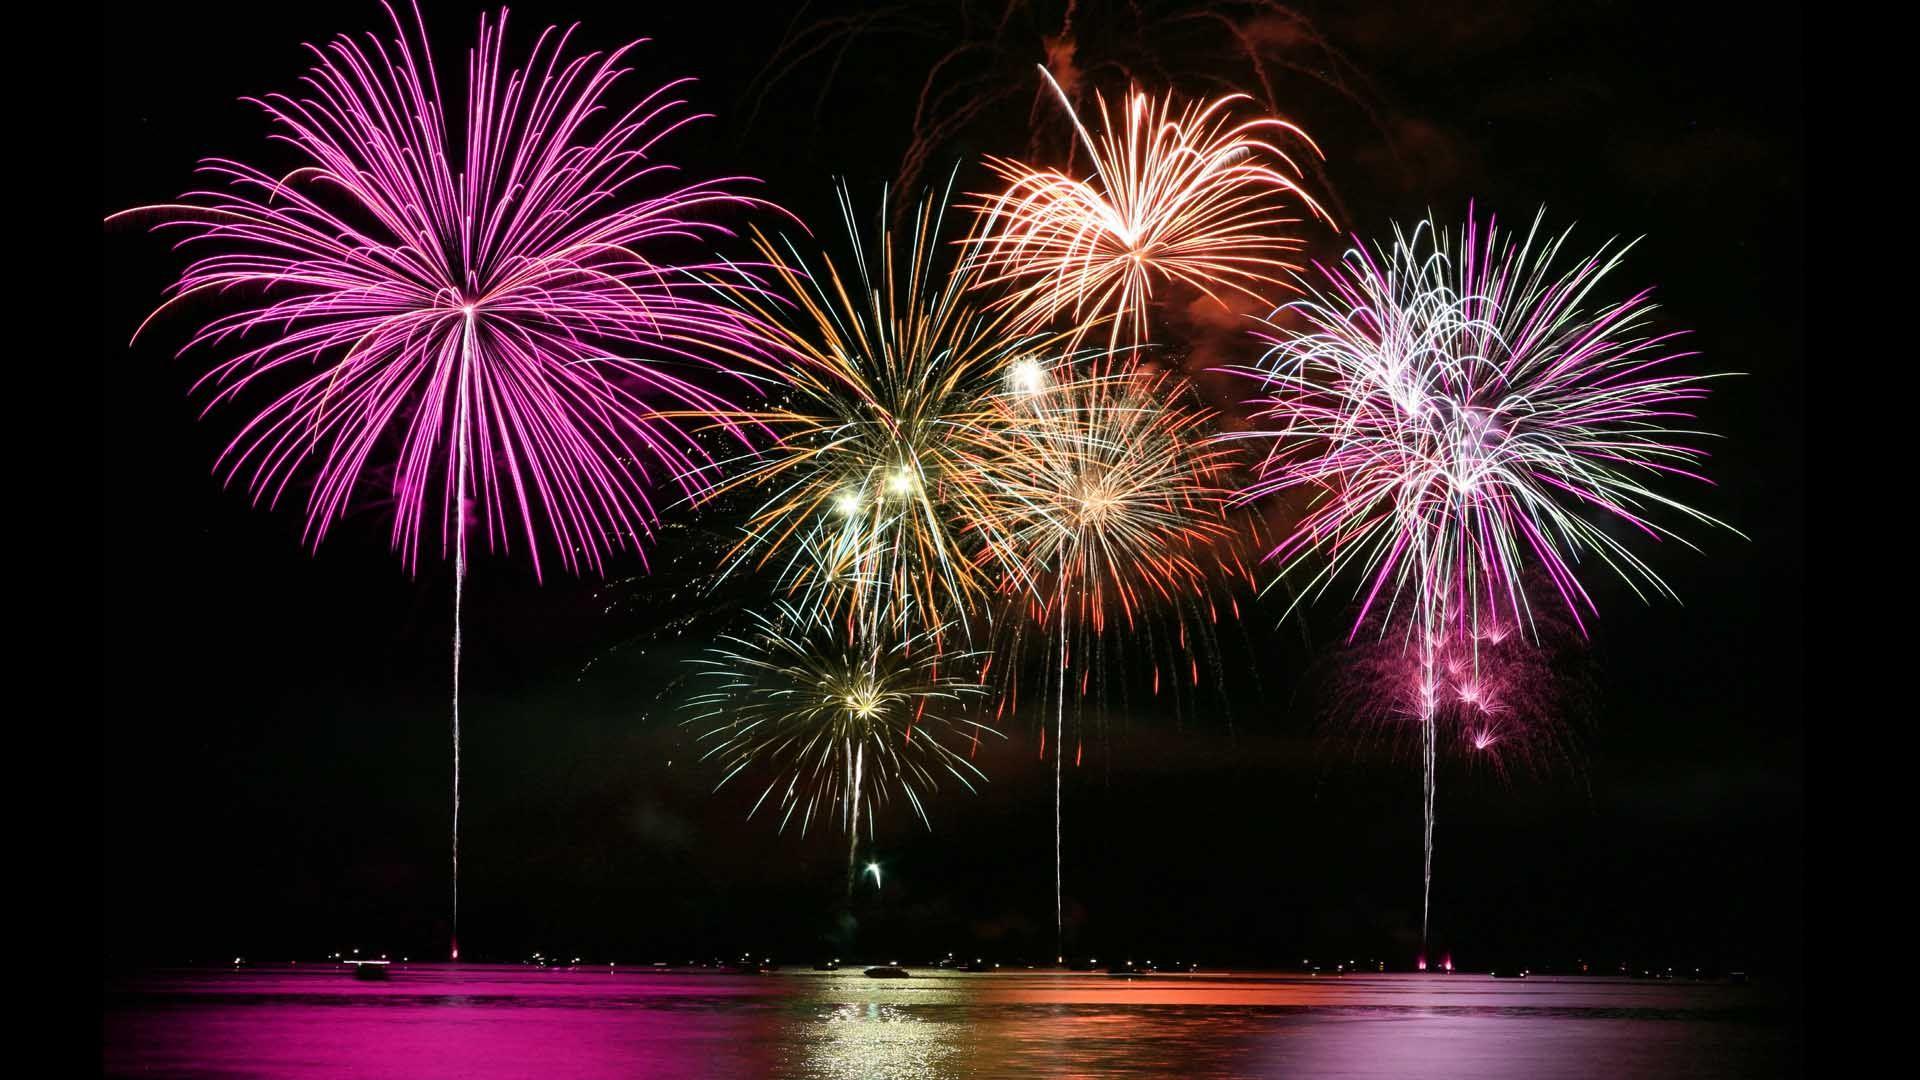 f5292f7bcb7 Consejos para sacarle buenas fotos a los fuegos artificiales y luces  navideñas